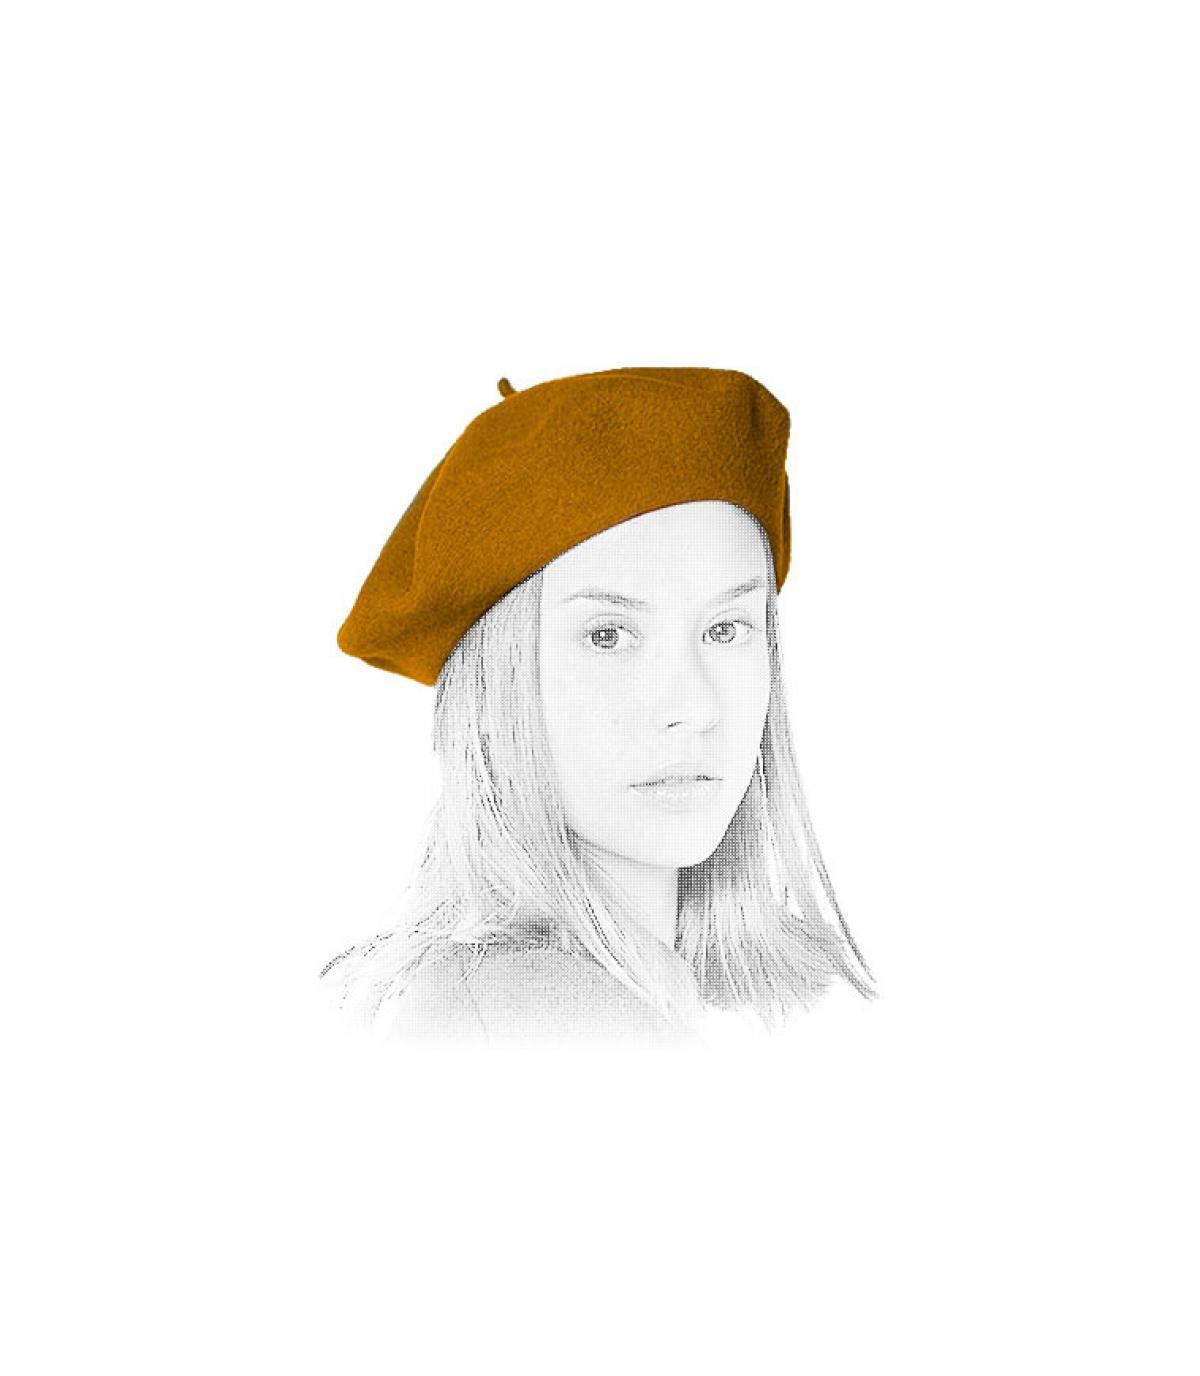 baret beige Laulhère